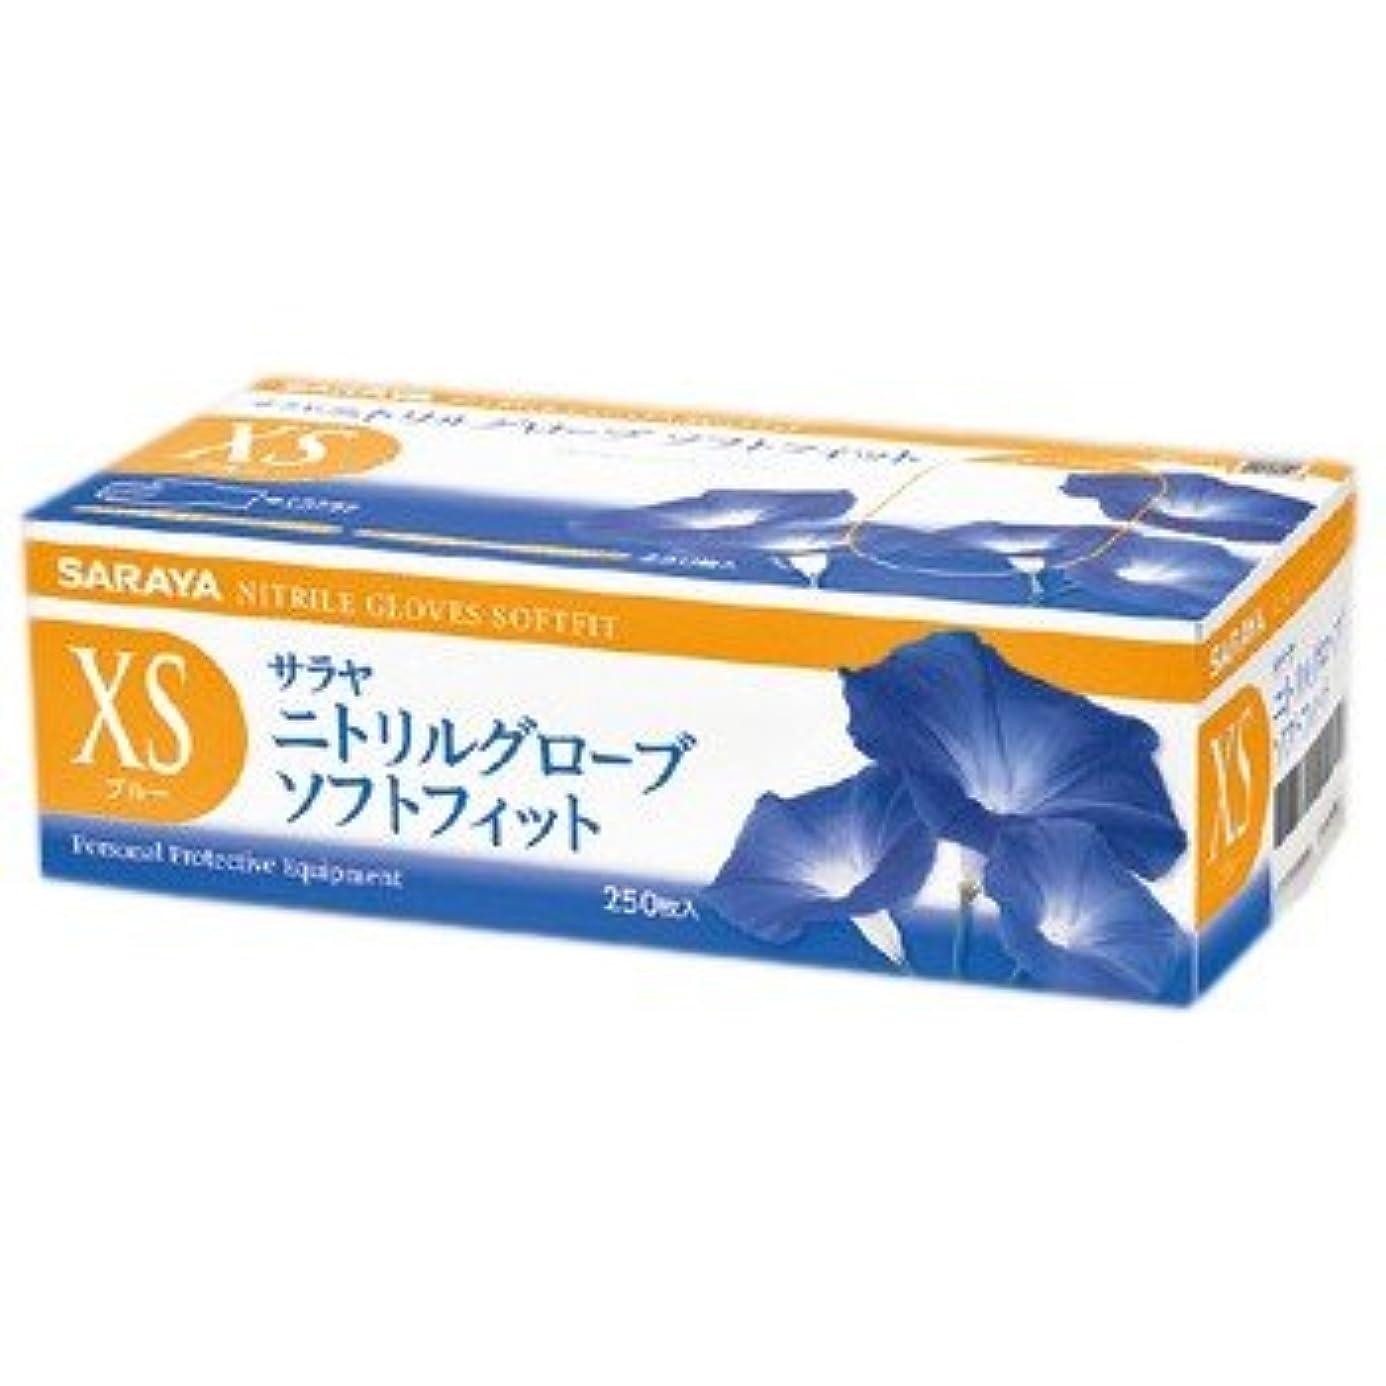 サラヤ ニトリルグローブ ソフトフィット パウダーフリー ブルー XS 250枚×10箱入